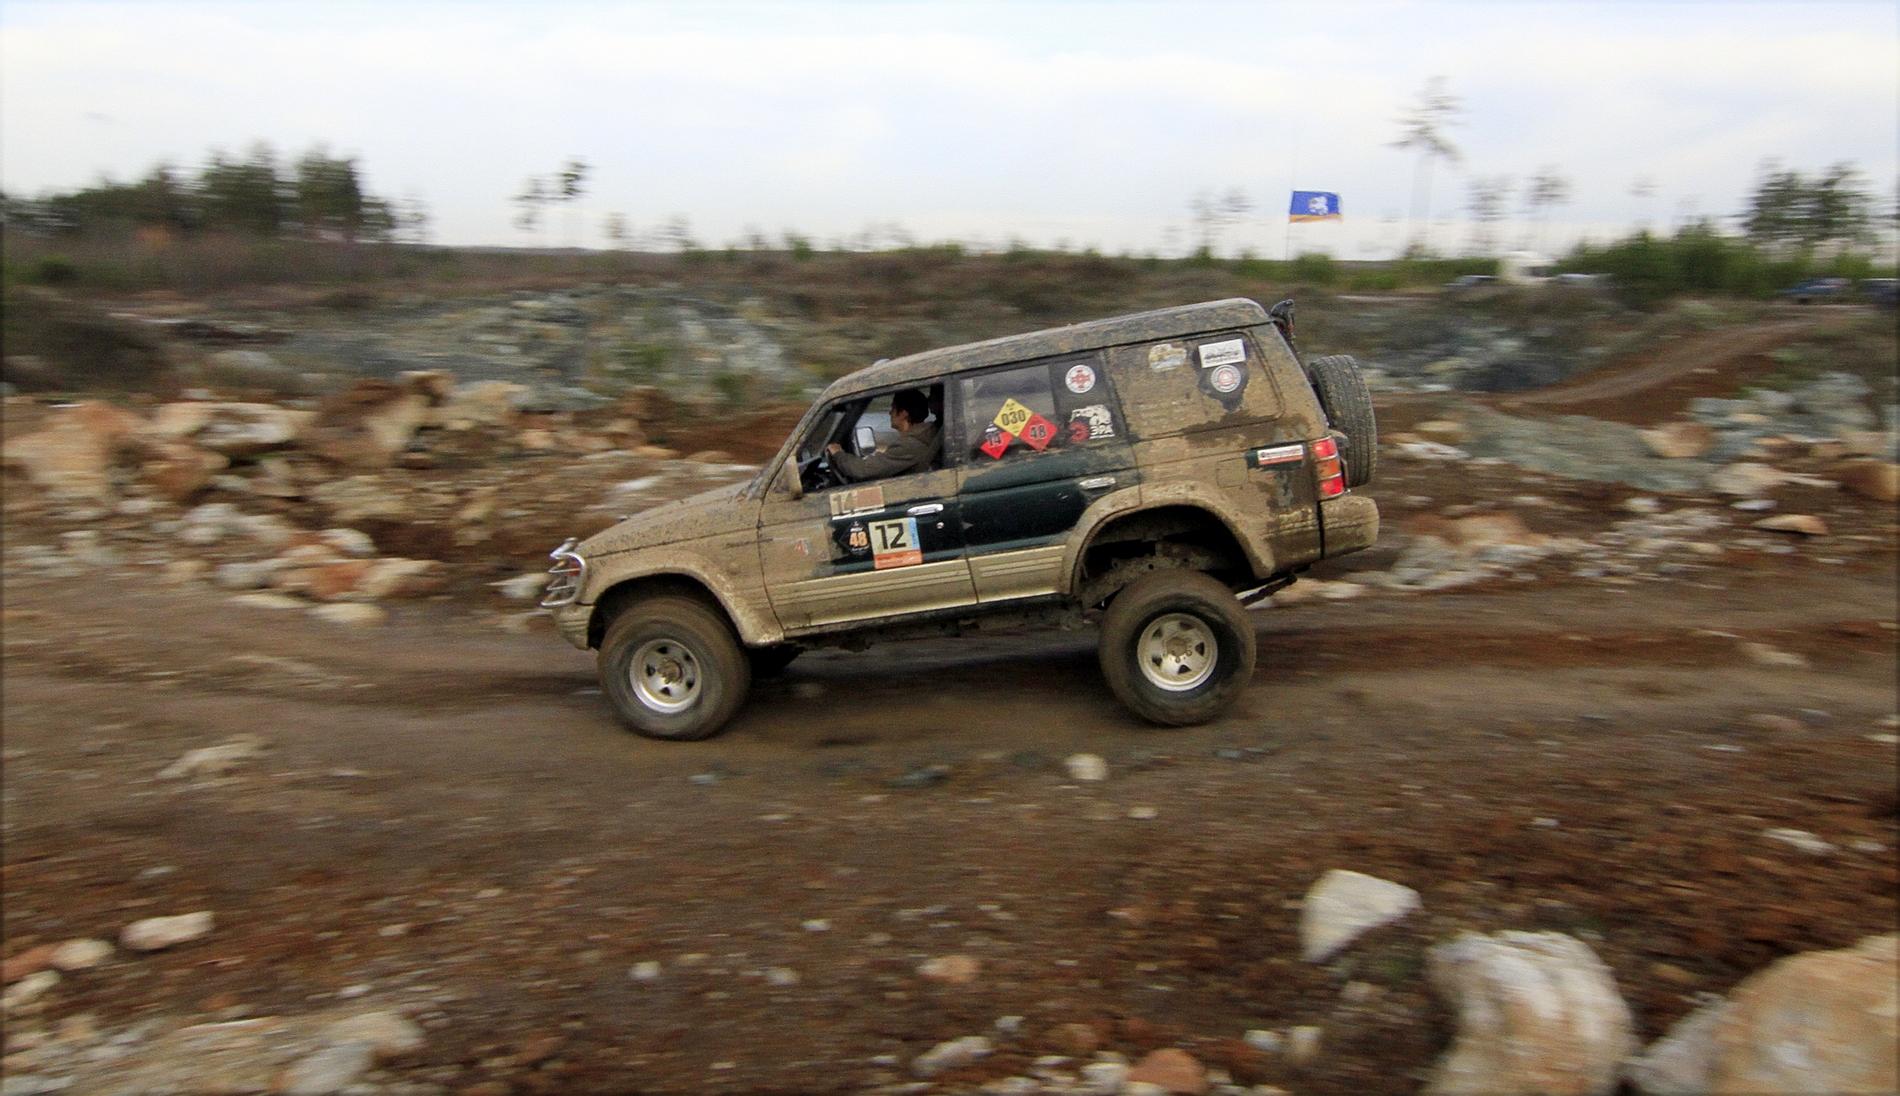 Off-road игры в каменоломне: прыжки, спуски и премьера